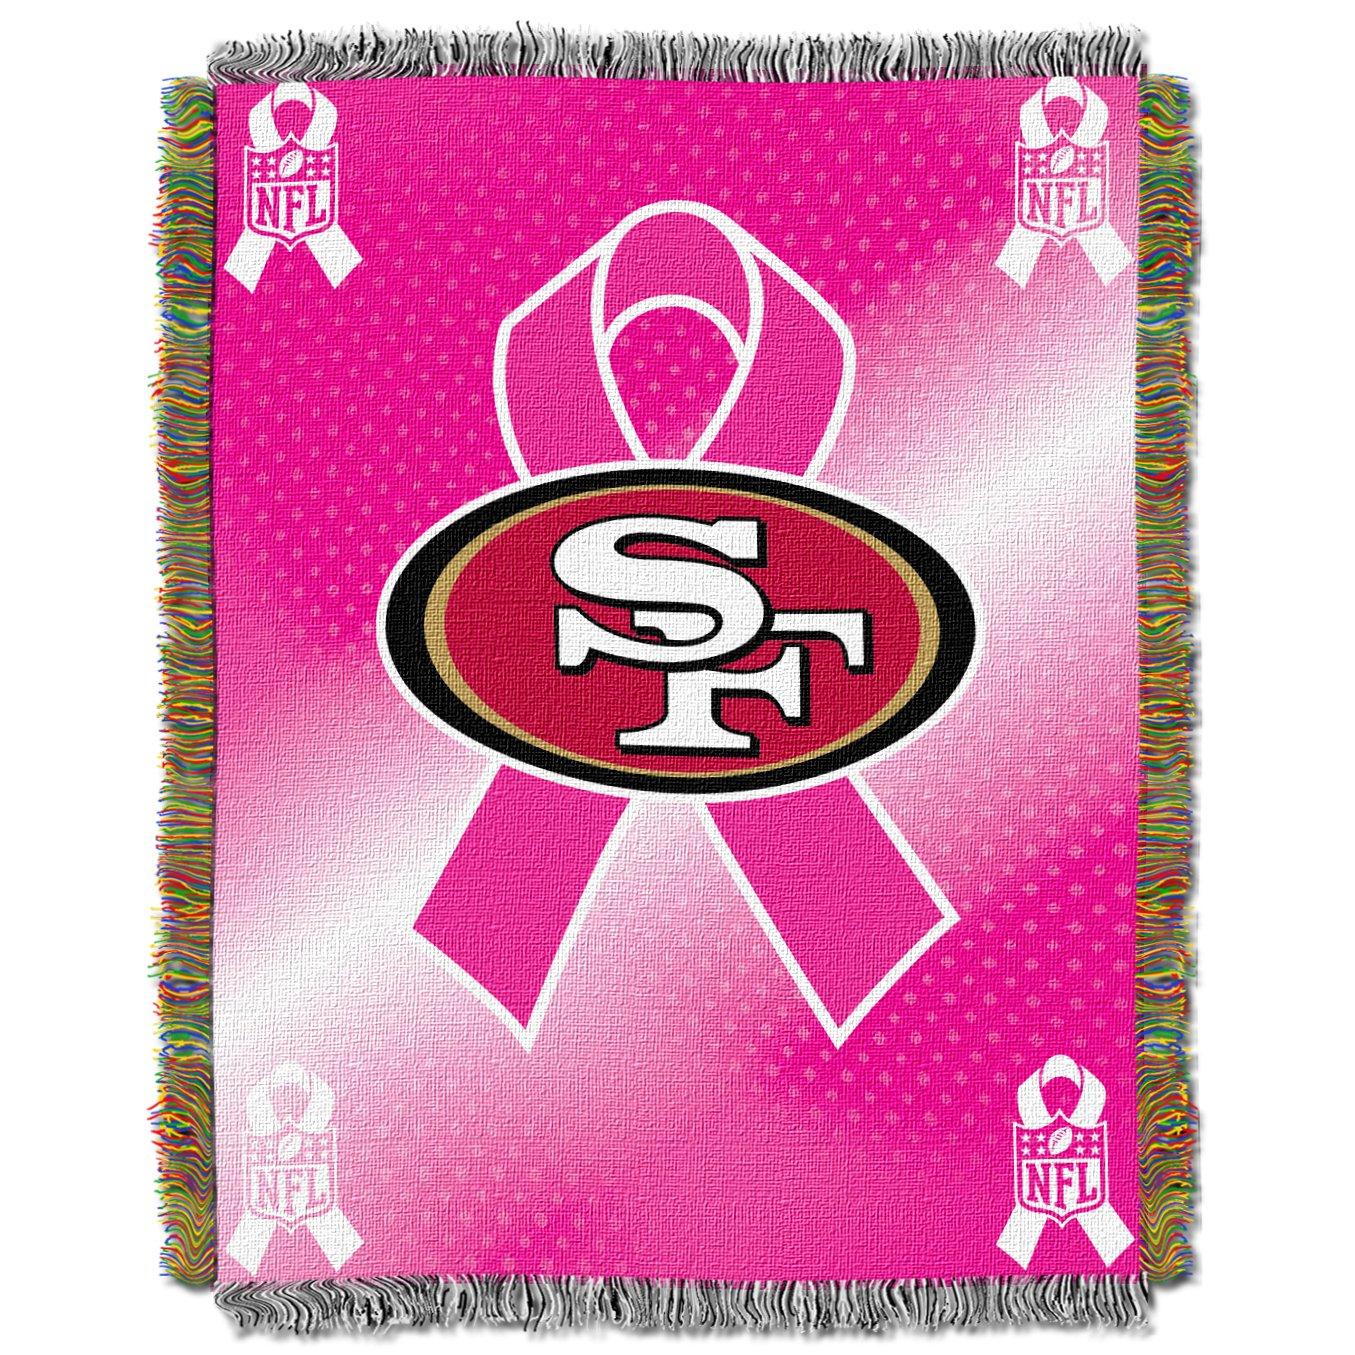 色々な NFL NFL Francisco San Francisco 49ers 49ers Breast Cancer Awarenessタペストリー B0088AMAUW, 気質アップ:228bdb89 --- arianechie.dominiotemporario.com